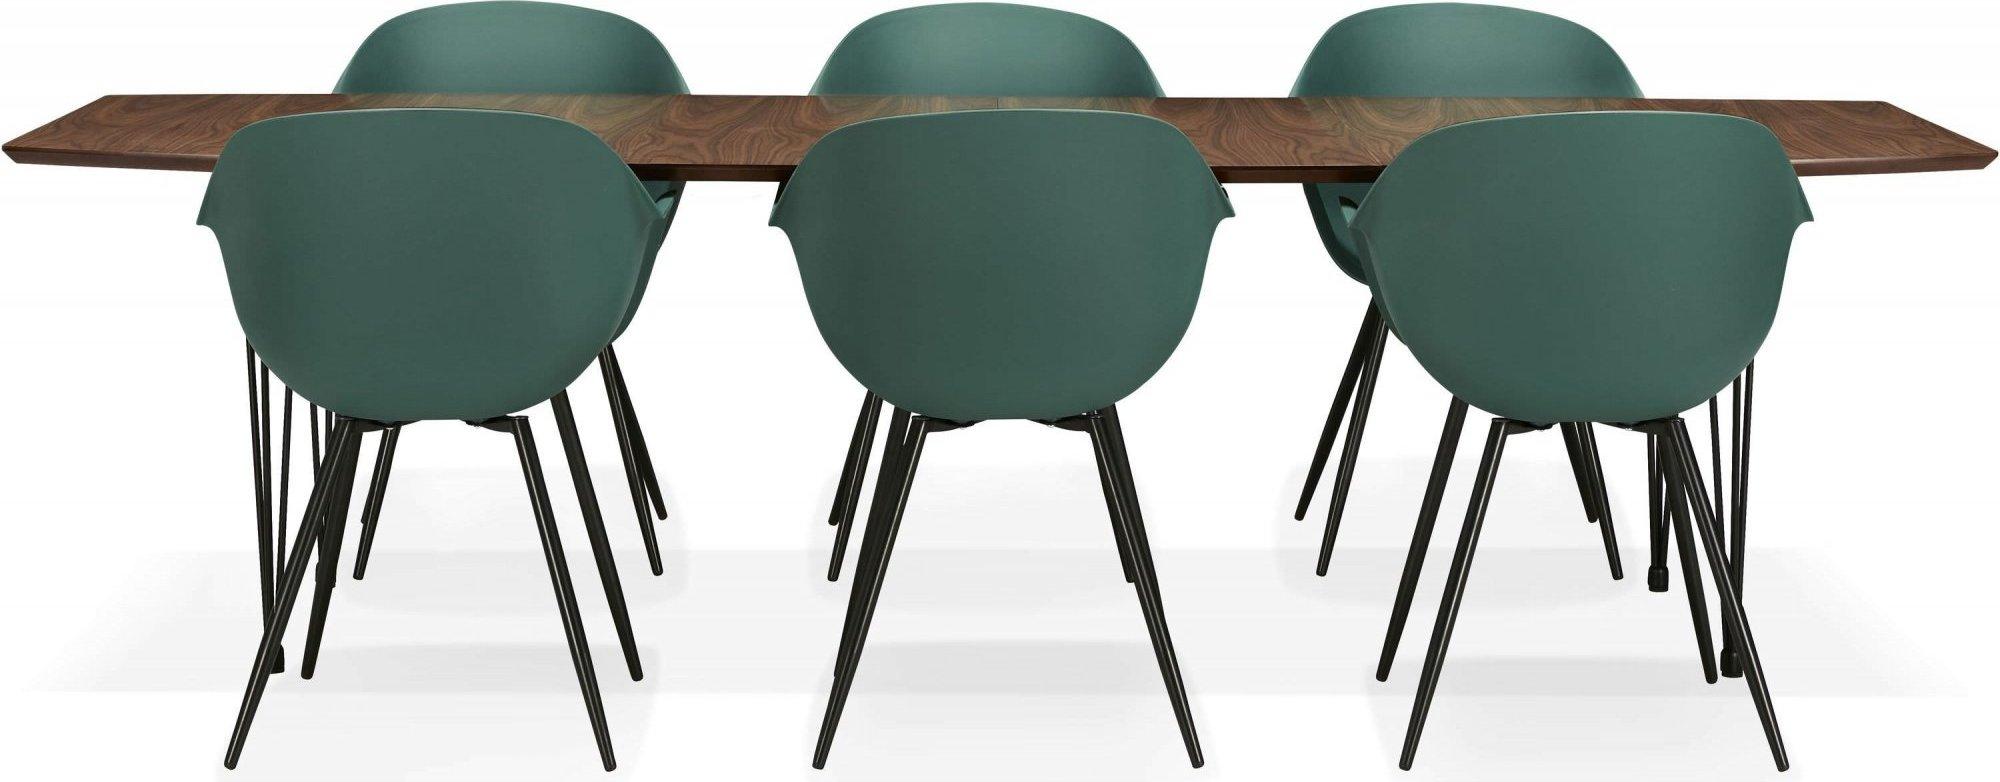 Table à manger plateau bois foncé 10 places l270cm